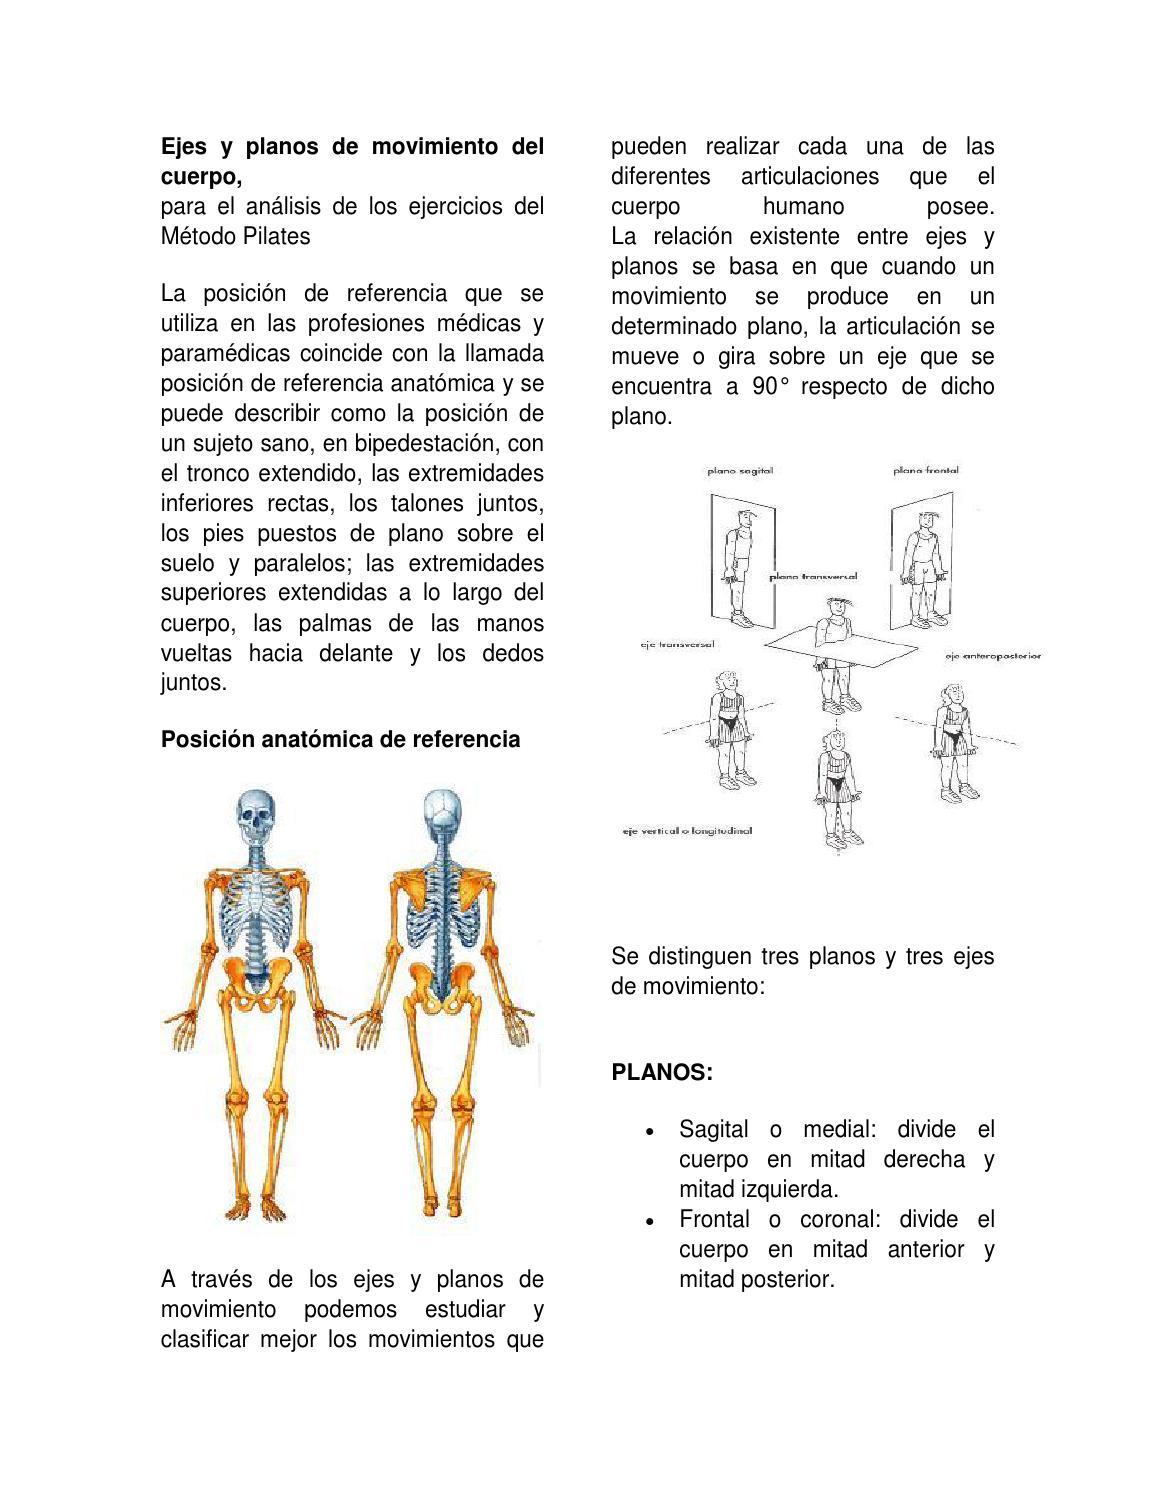 Ejes y planos de movimiento del cuerpo by chilisnan - issuu